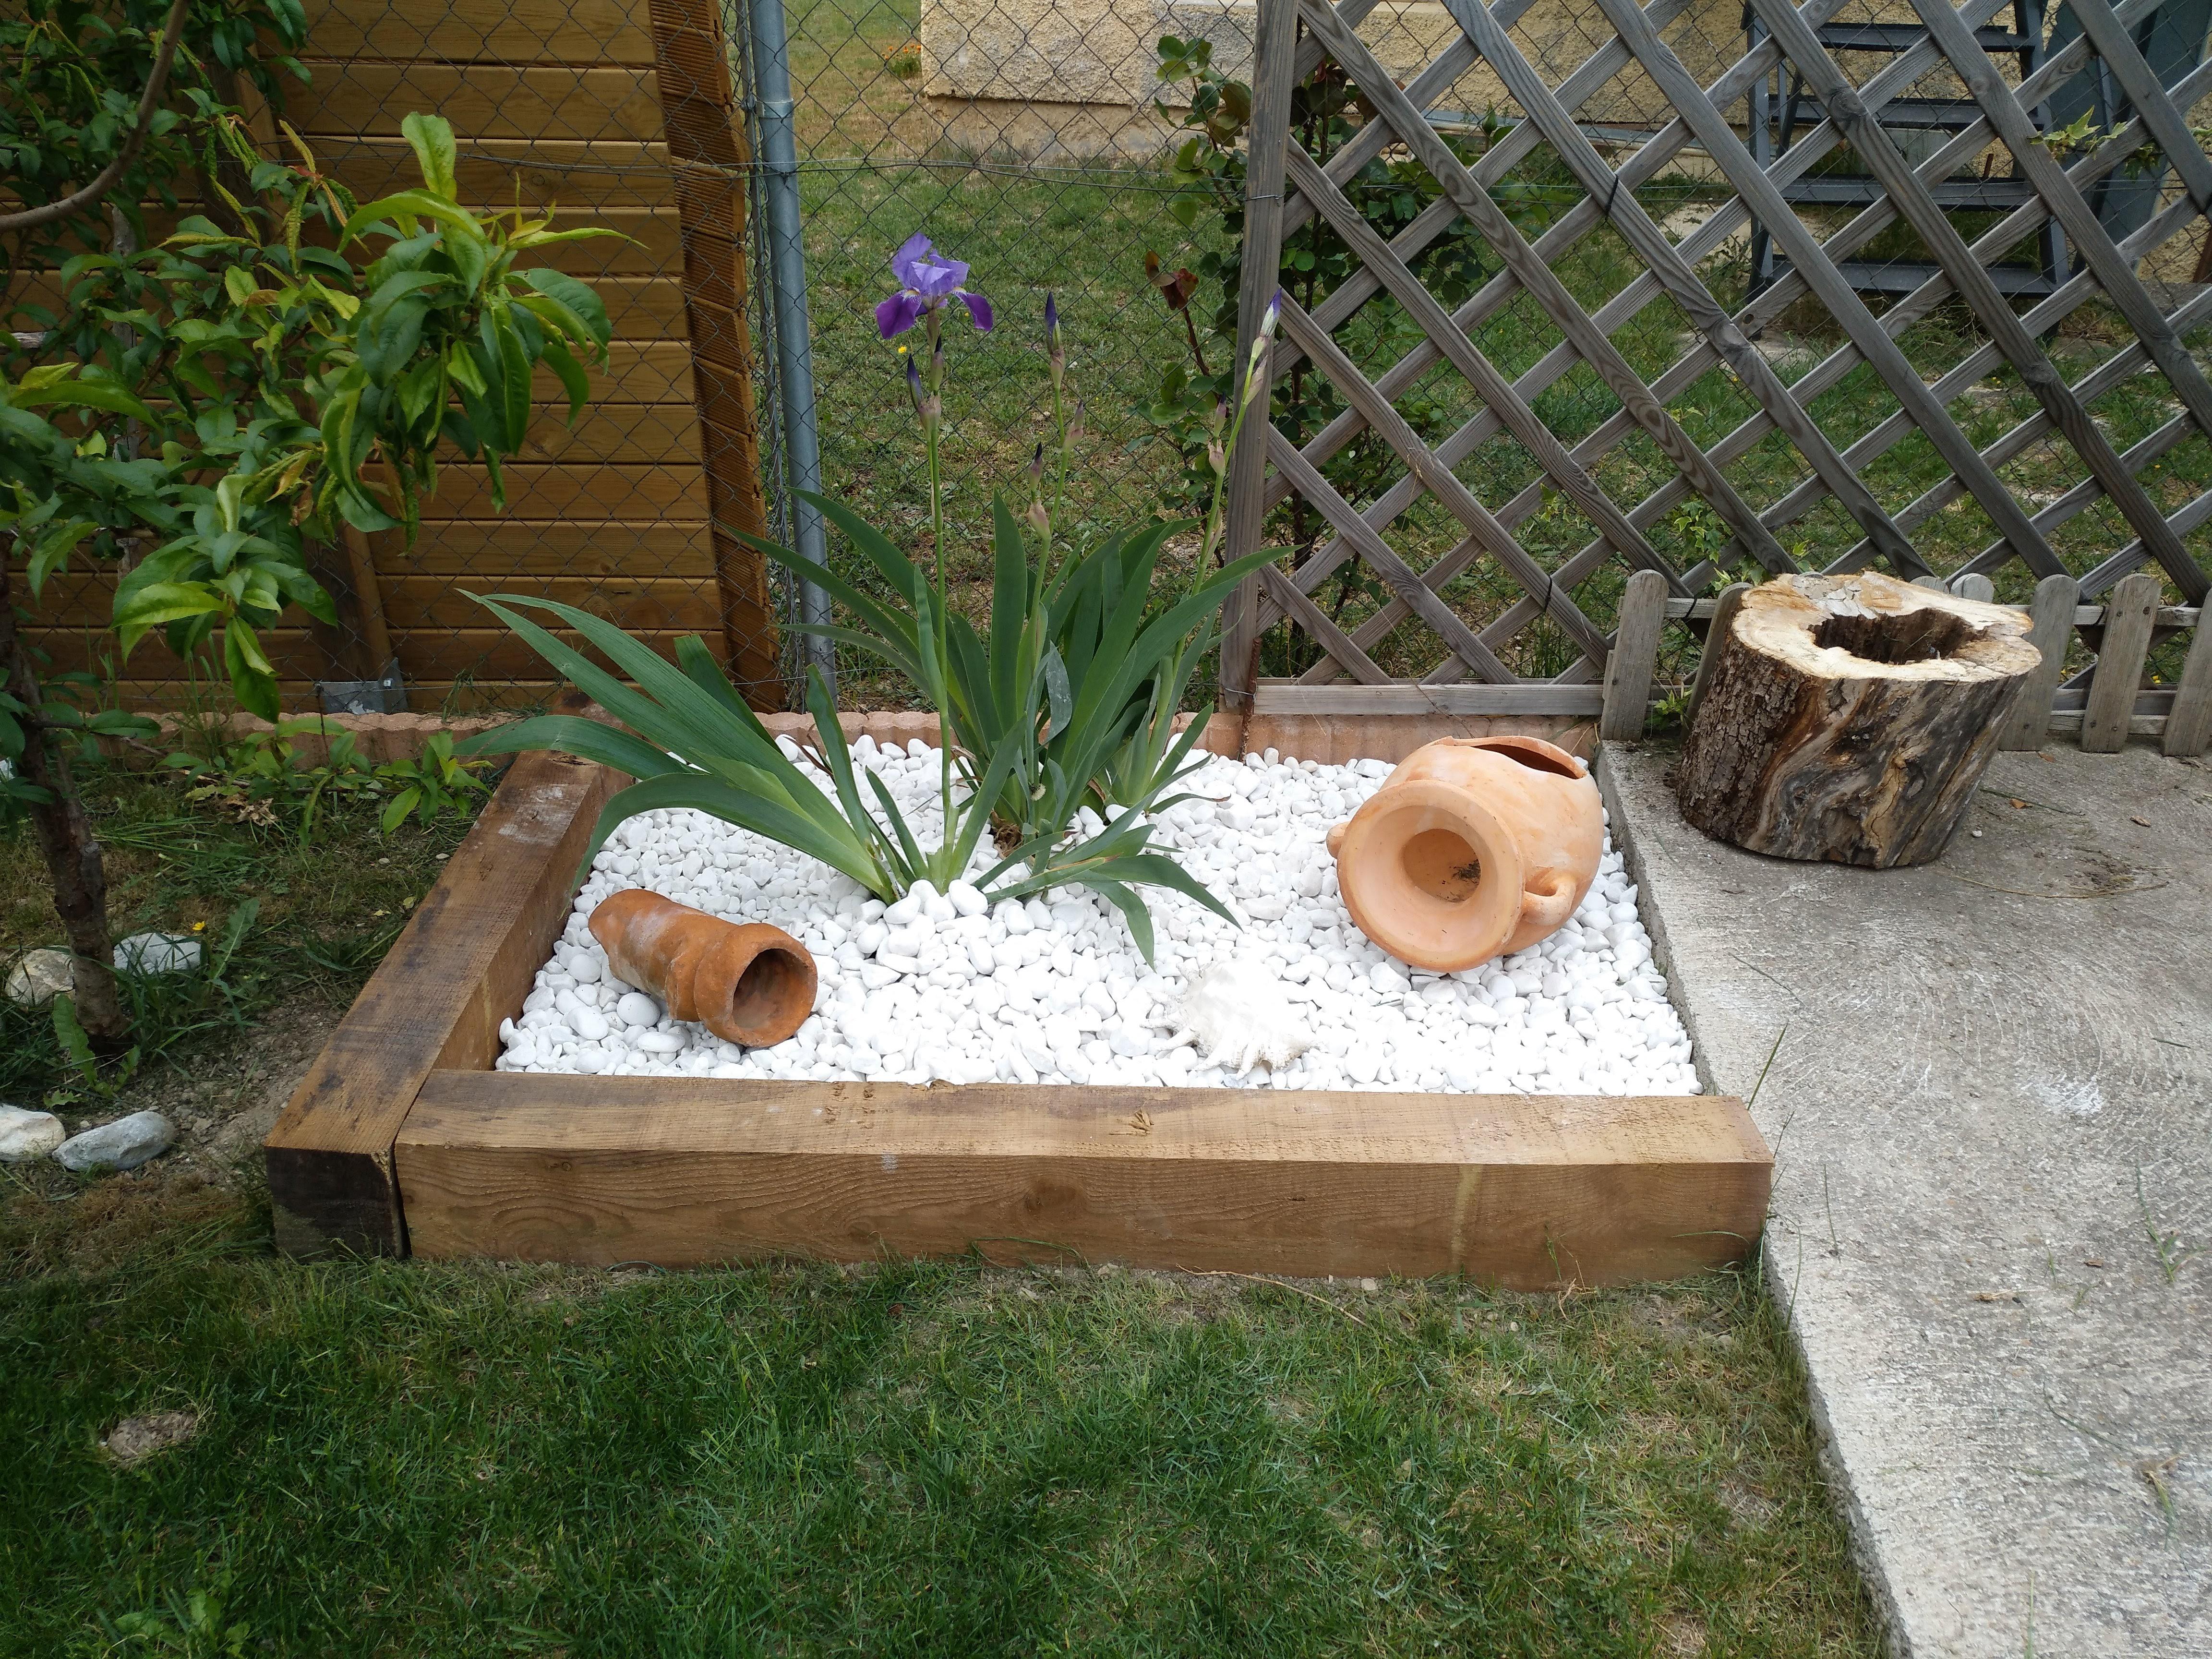 Mantenimiento de jardines y colocación de césped artficial.